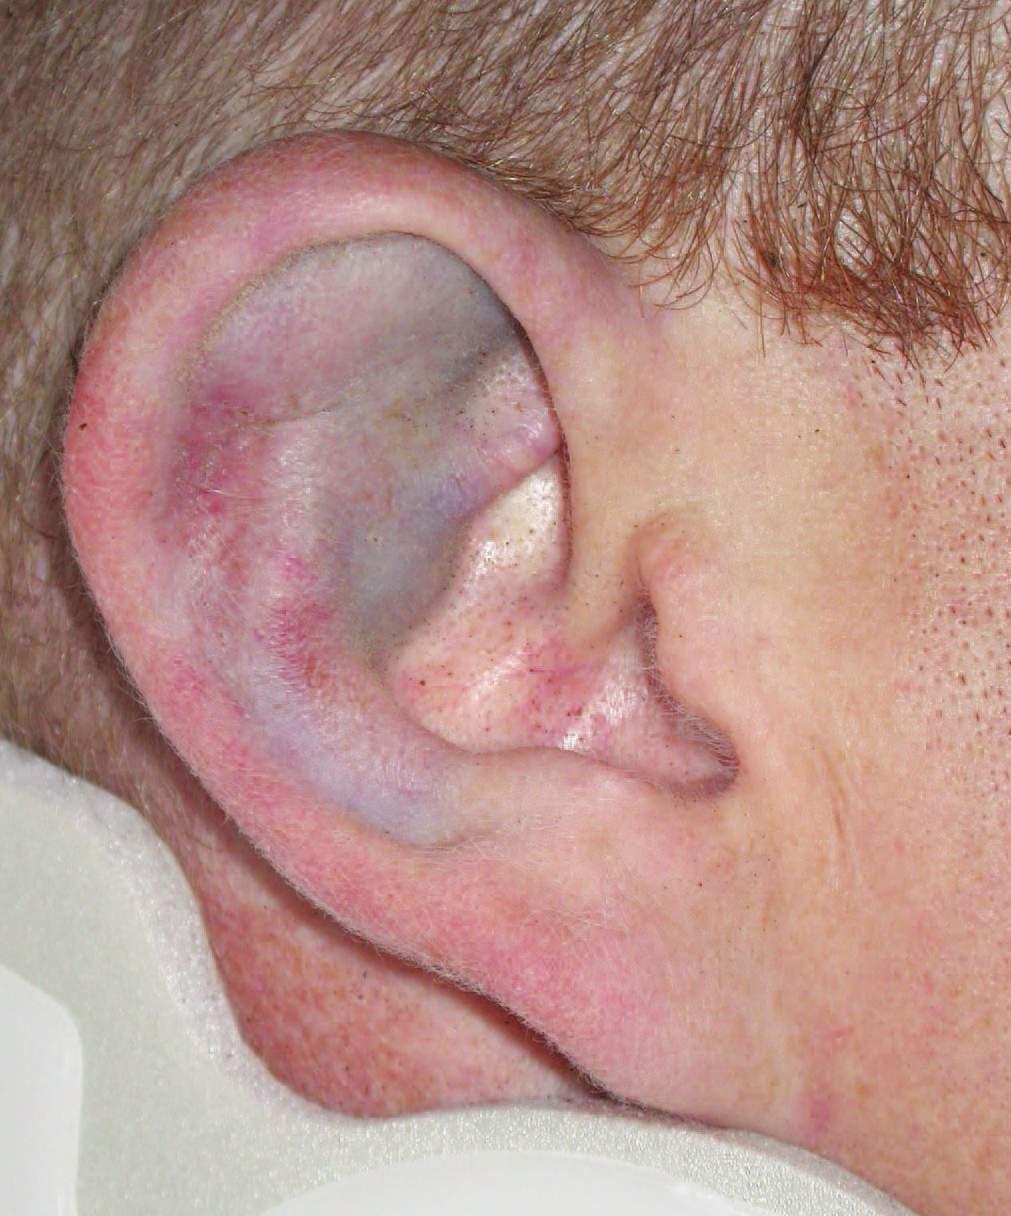 Картинка поврежденное ухо